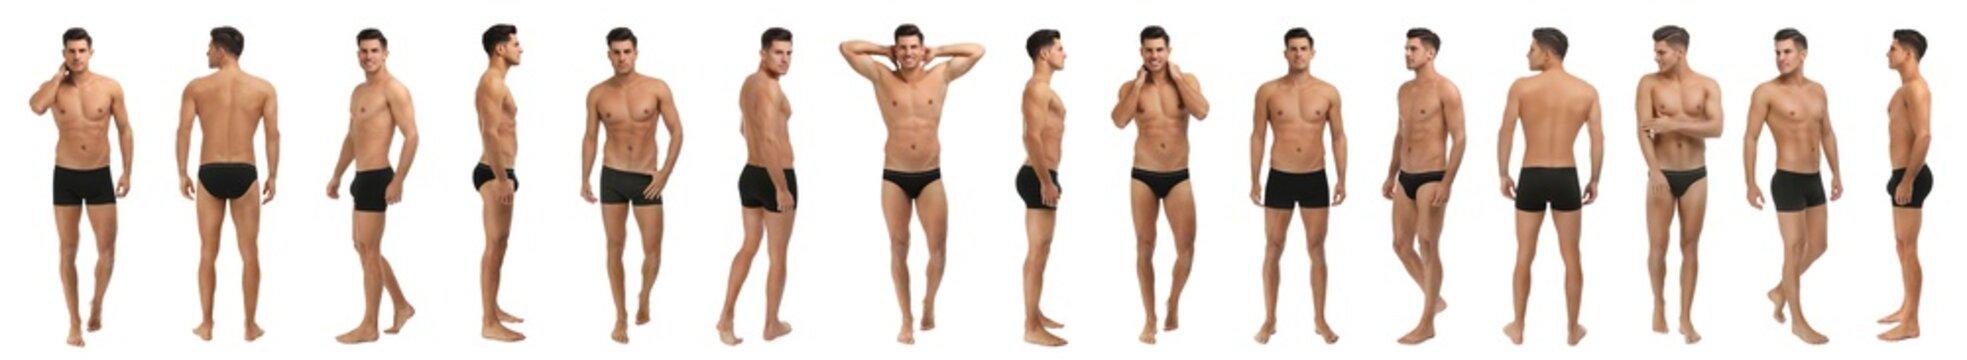 Collage of man in black underwear on white background. Banner design